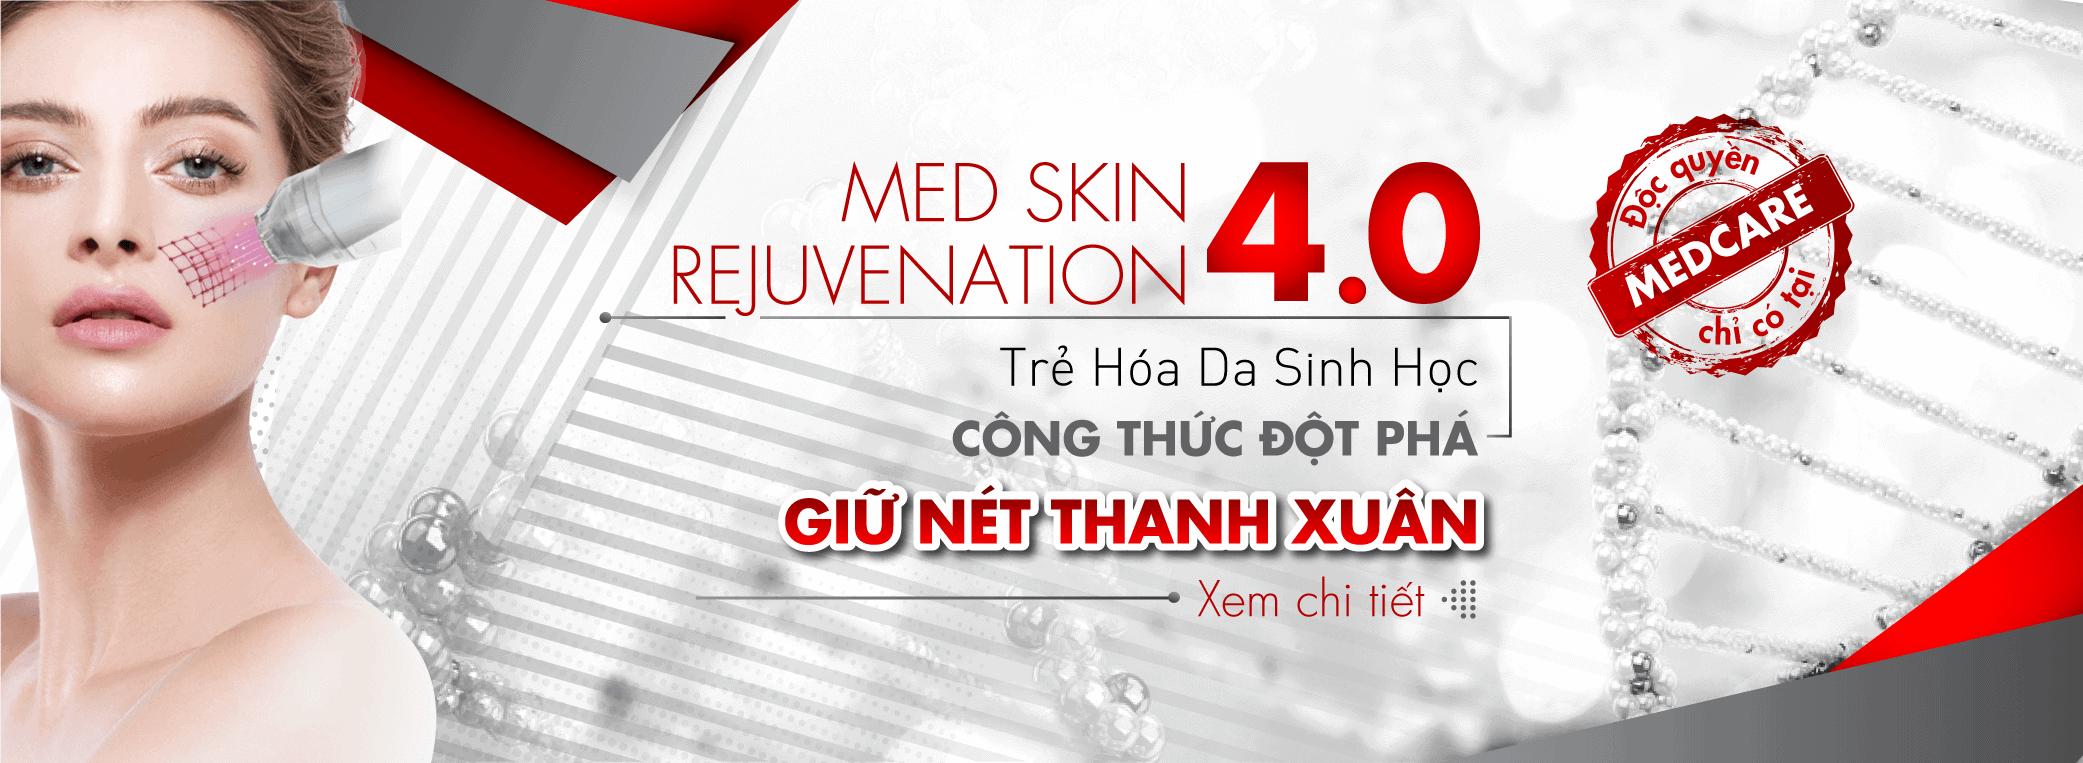 https://medcare.com.vn/msr-cong-thuc-dot-pha-giu-mai-net-thanh-xuan-cua-medcare/